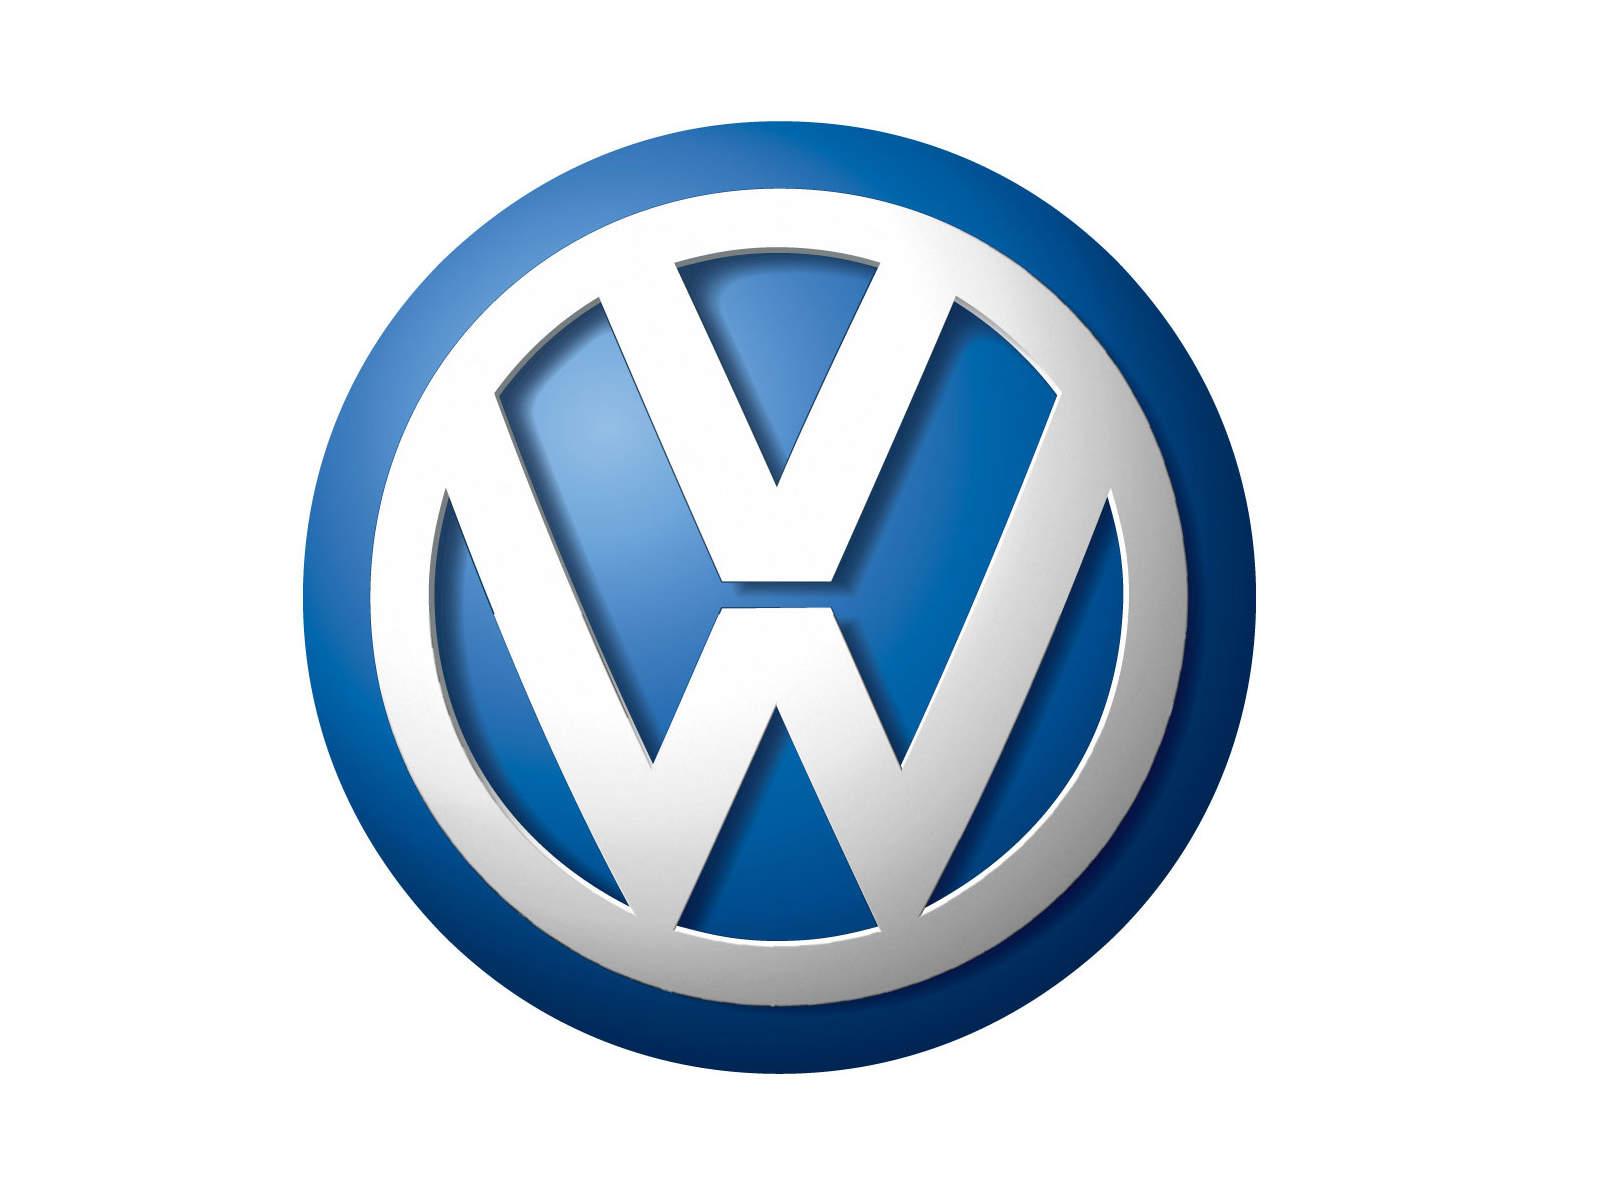 Volkswagen wallpaper logojpg 1600x1200